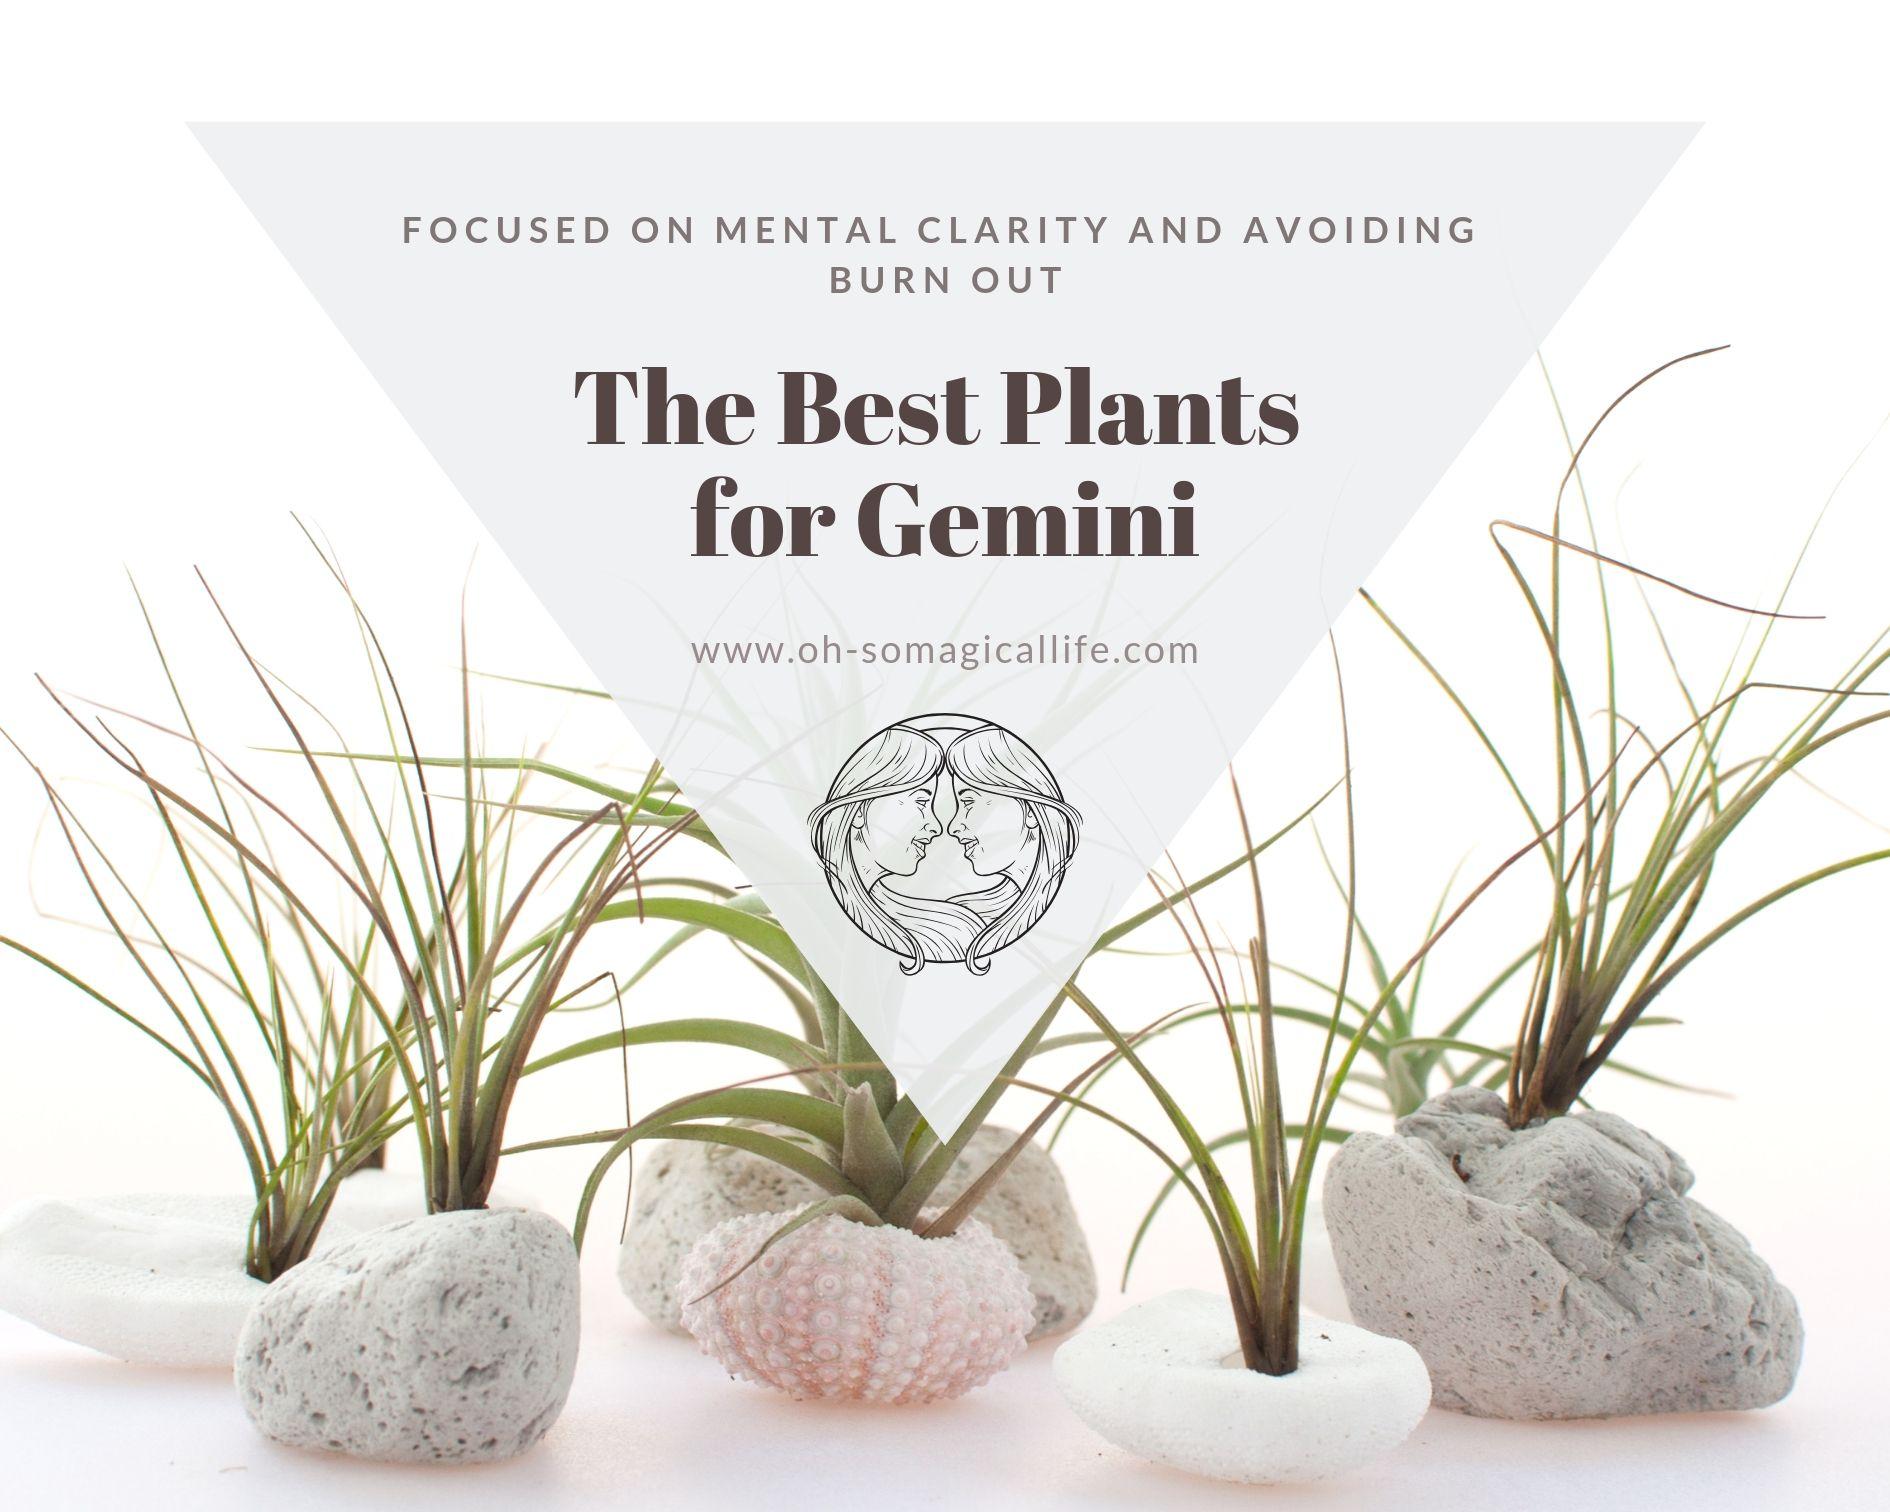 The-Best-Plants-for-Gemini.jpg